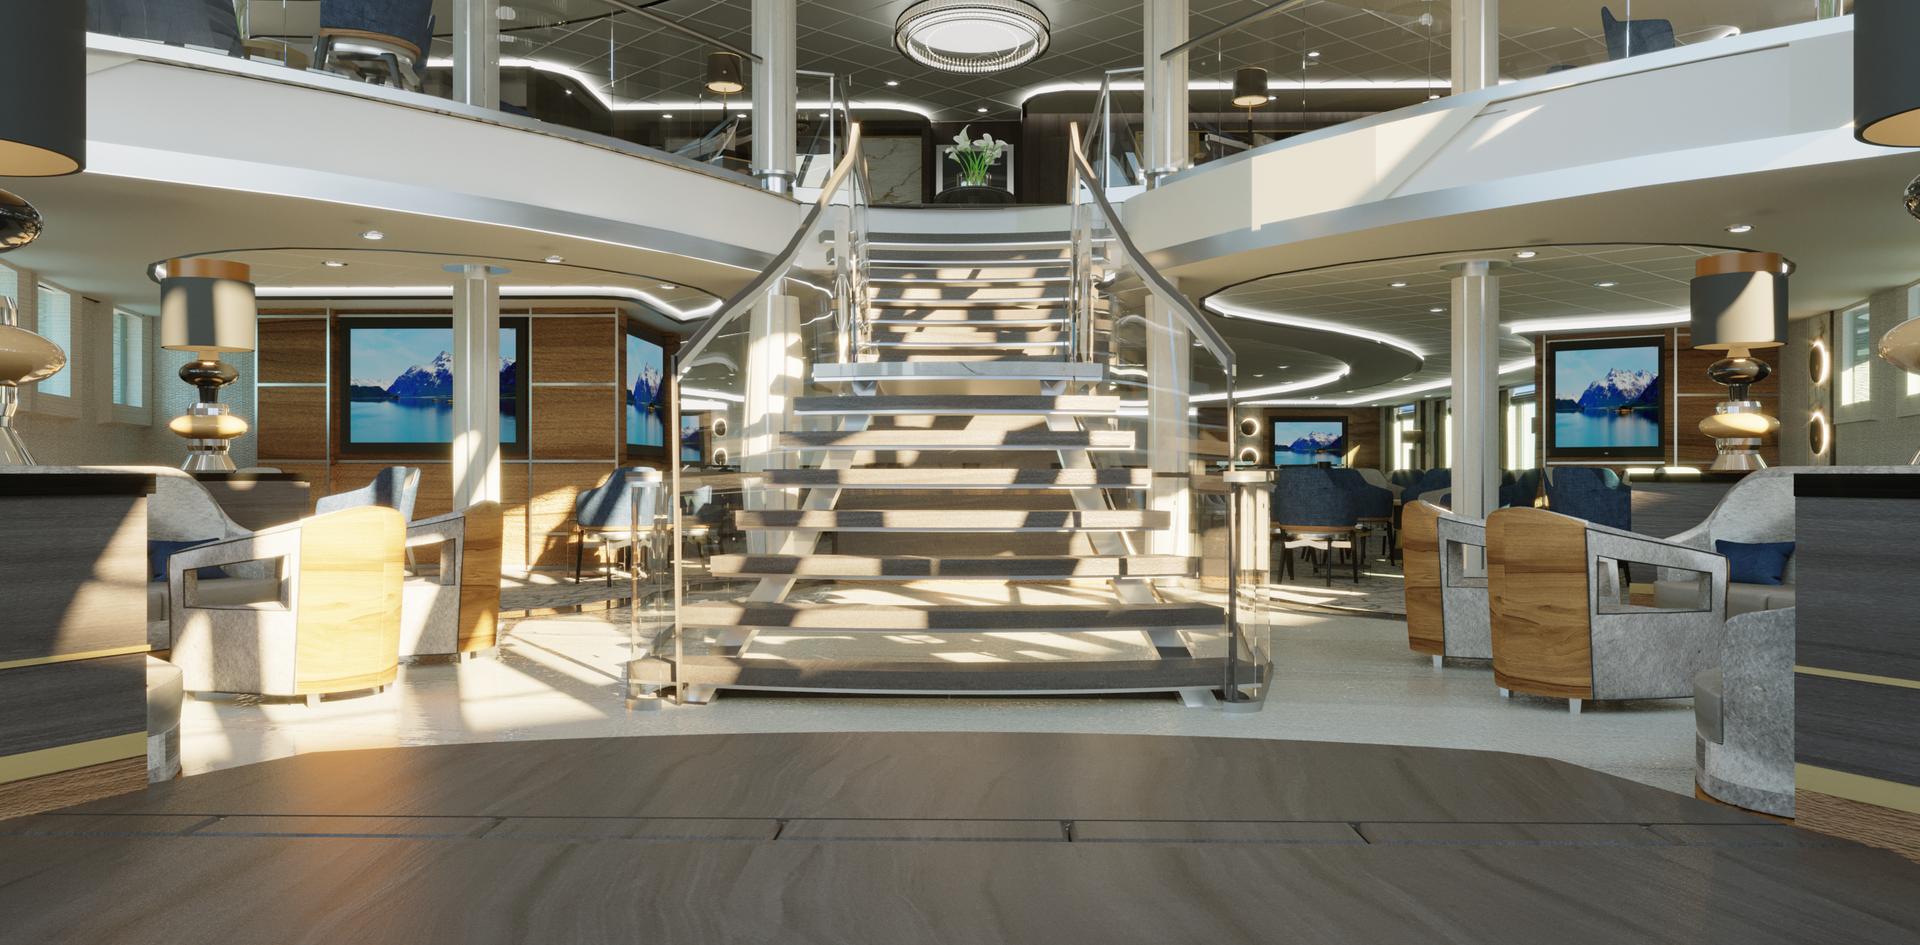 Ocean Explorer Fwd Lounge